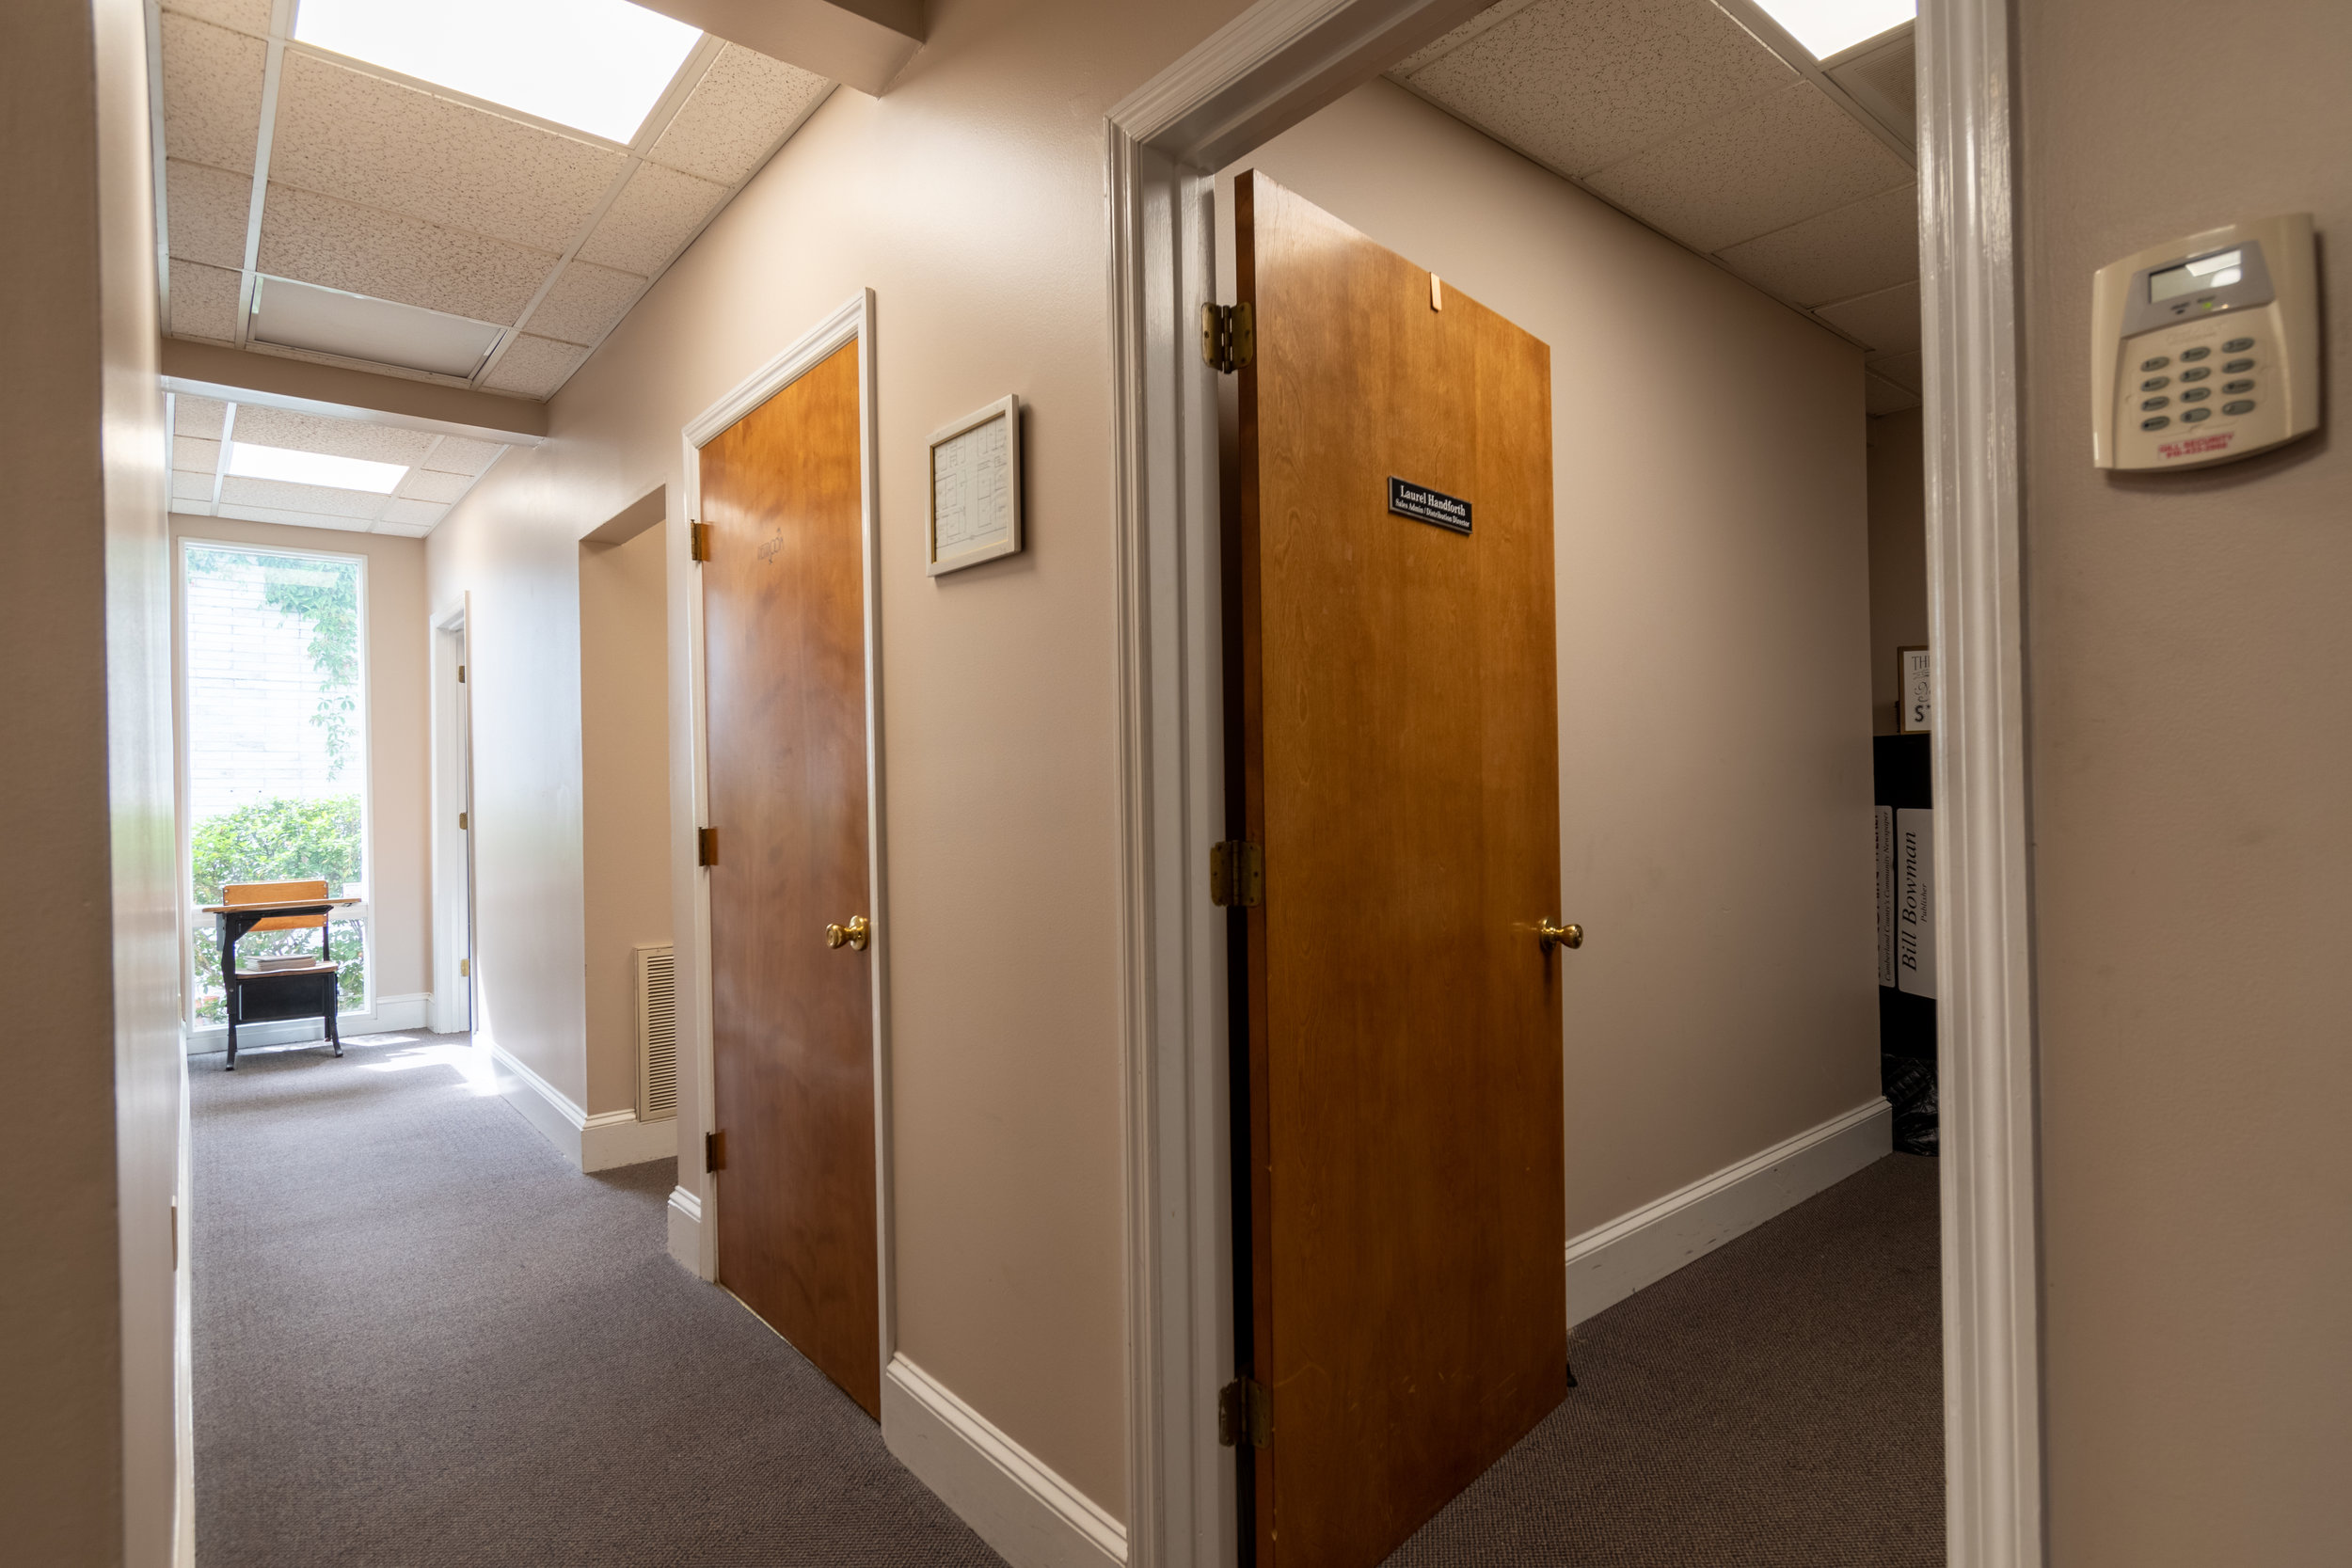 Interior (13 of 22).jpg